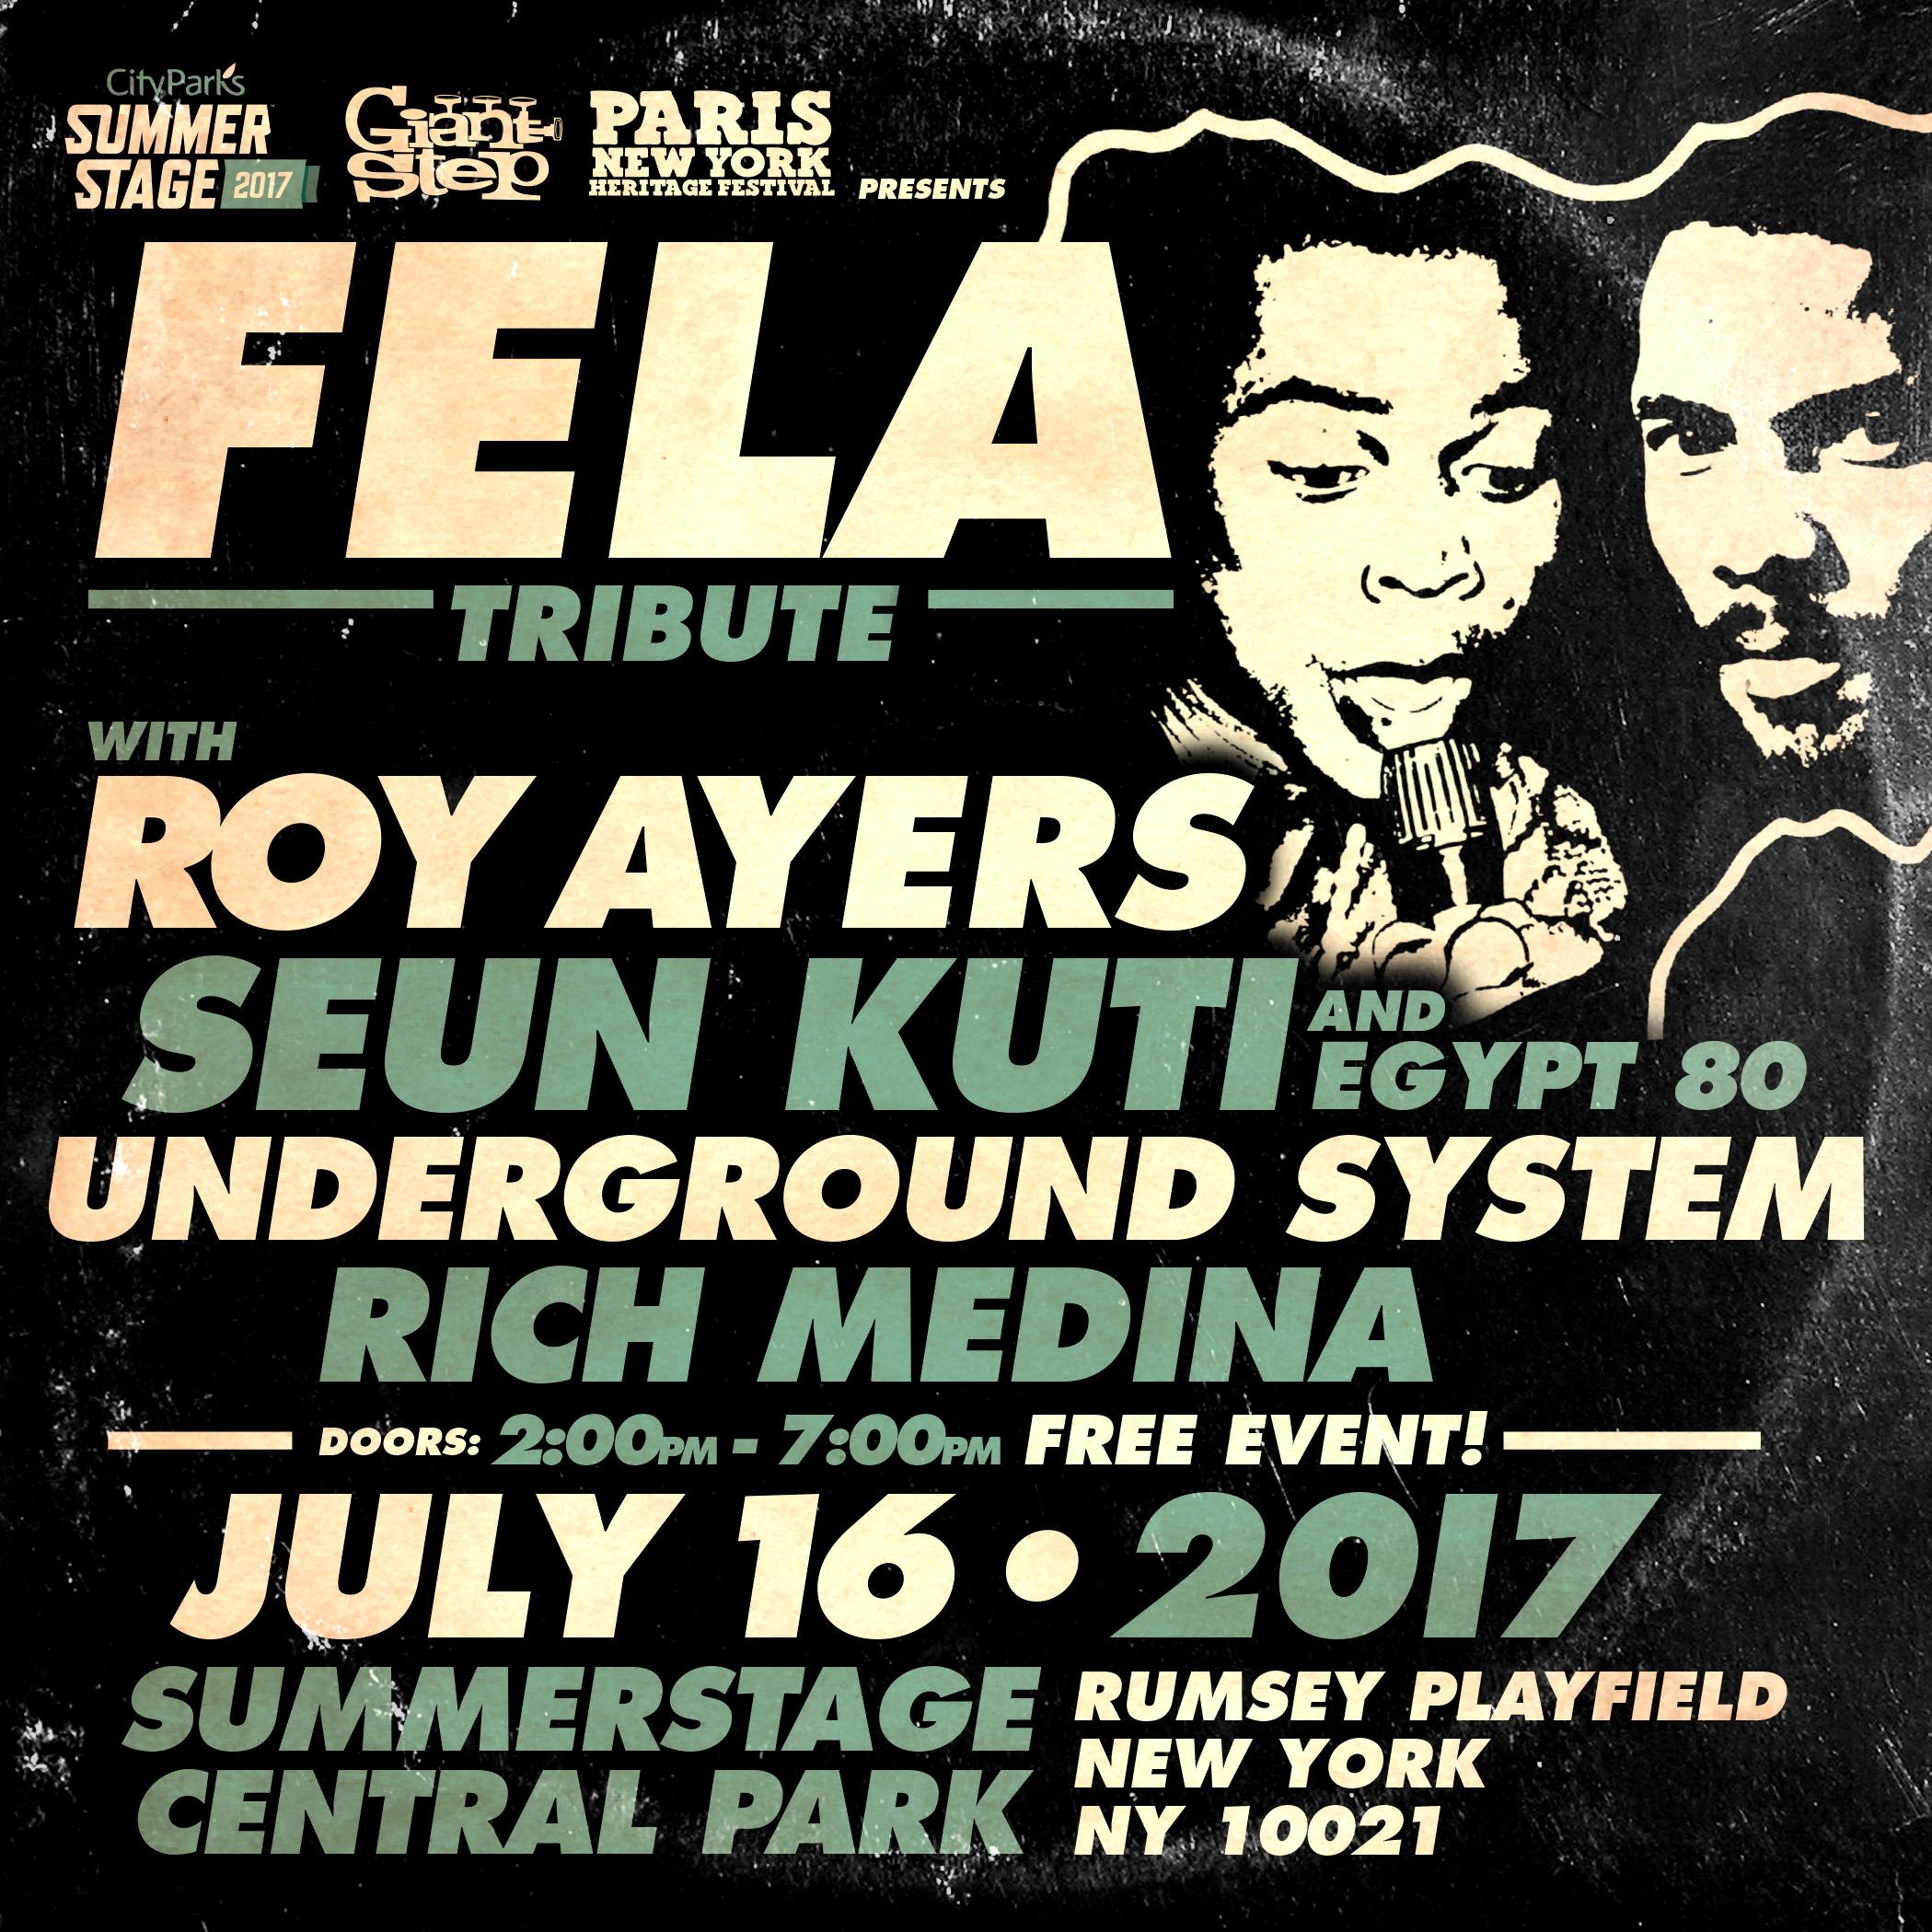 Summerstage Central Park 7.16.17